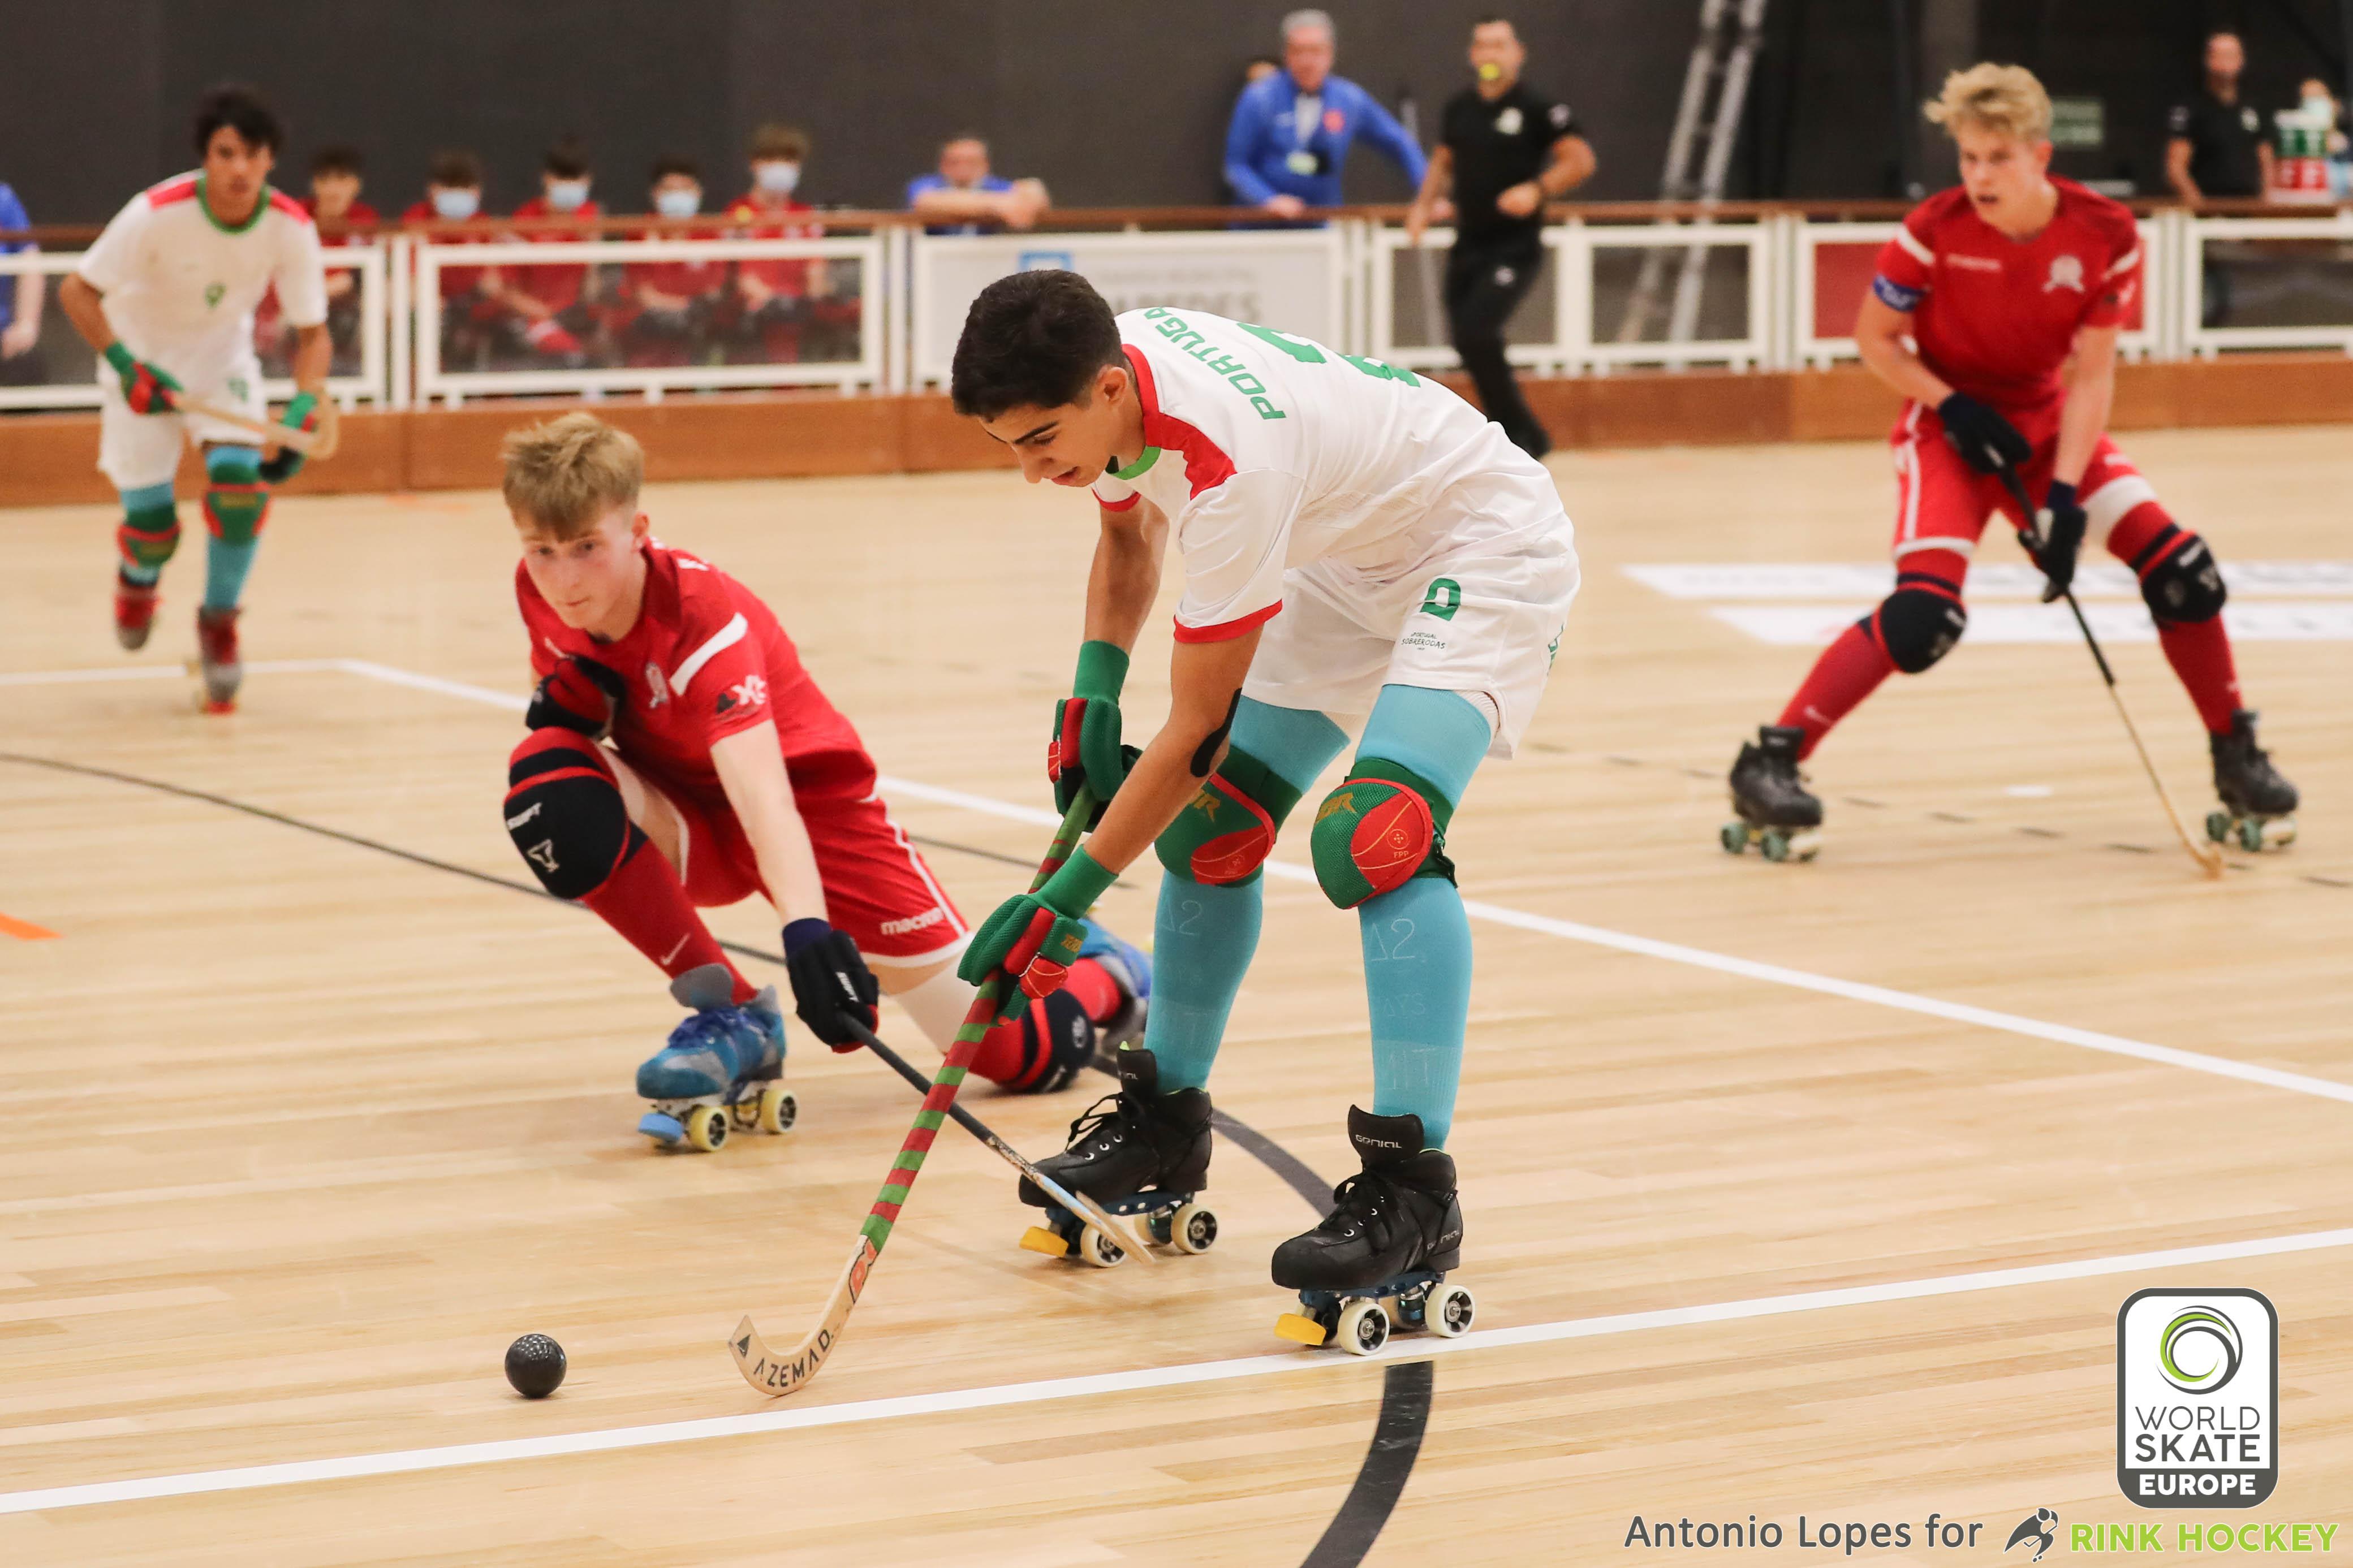 Inglaterra-com-Portugal-211